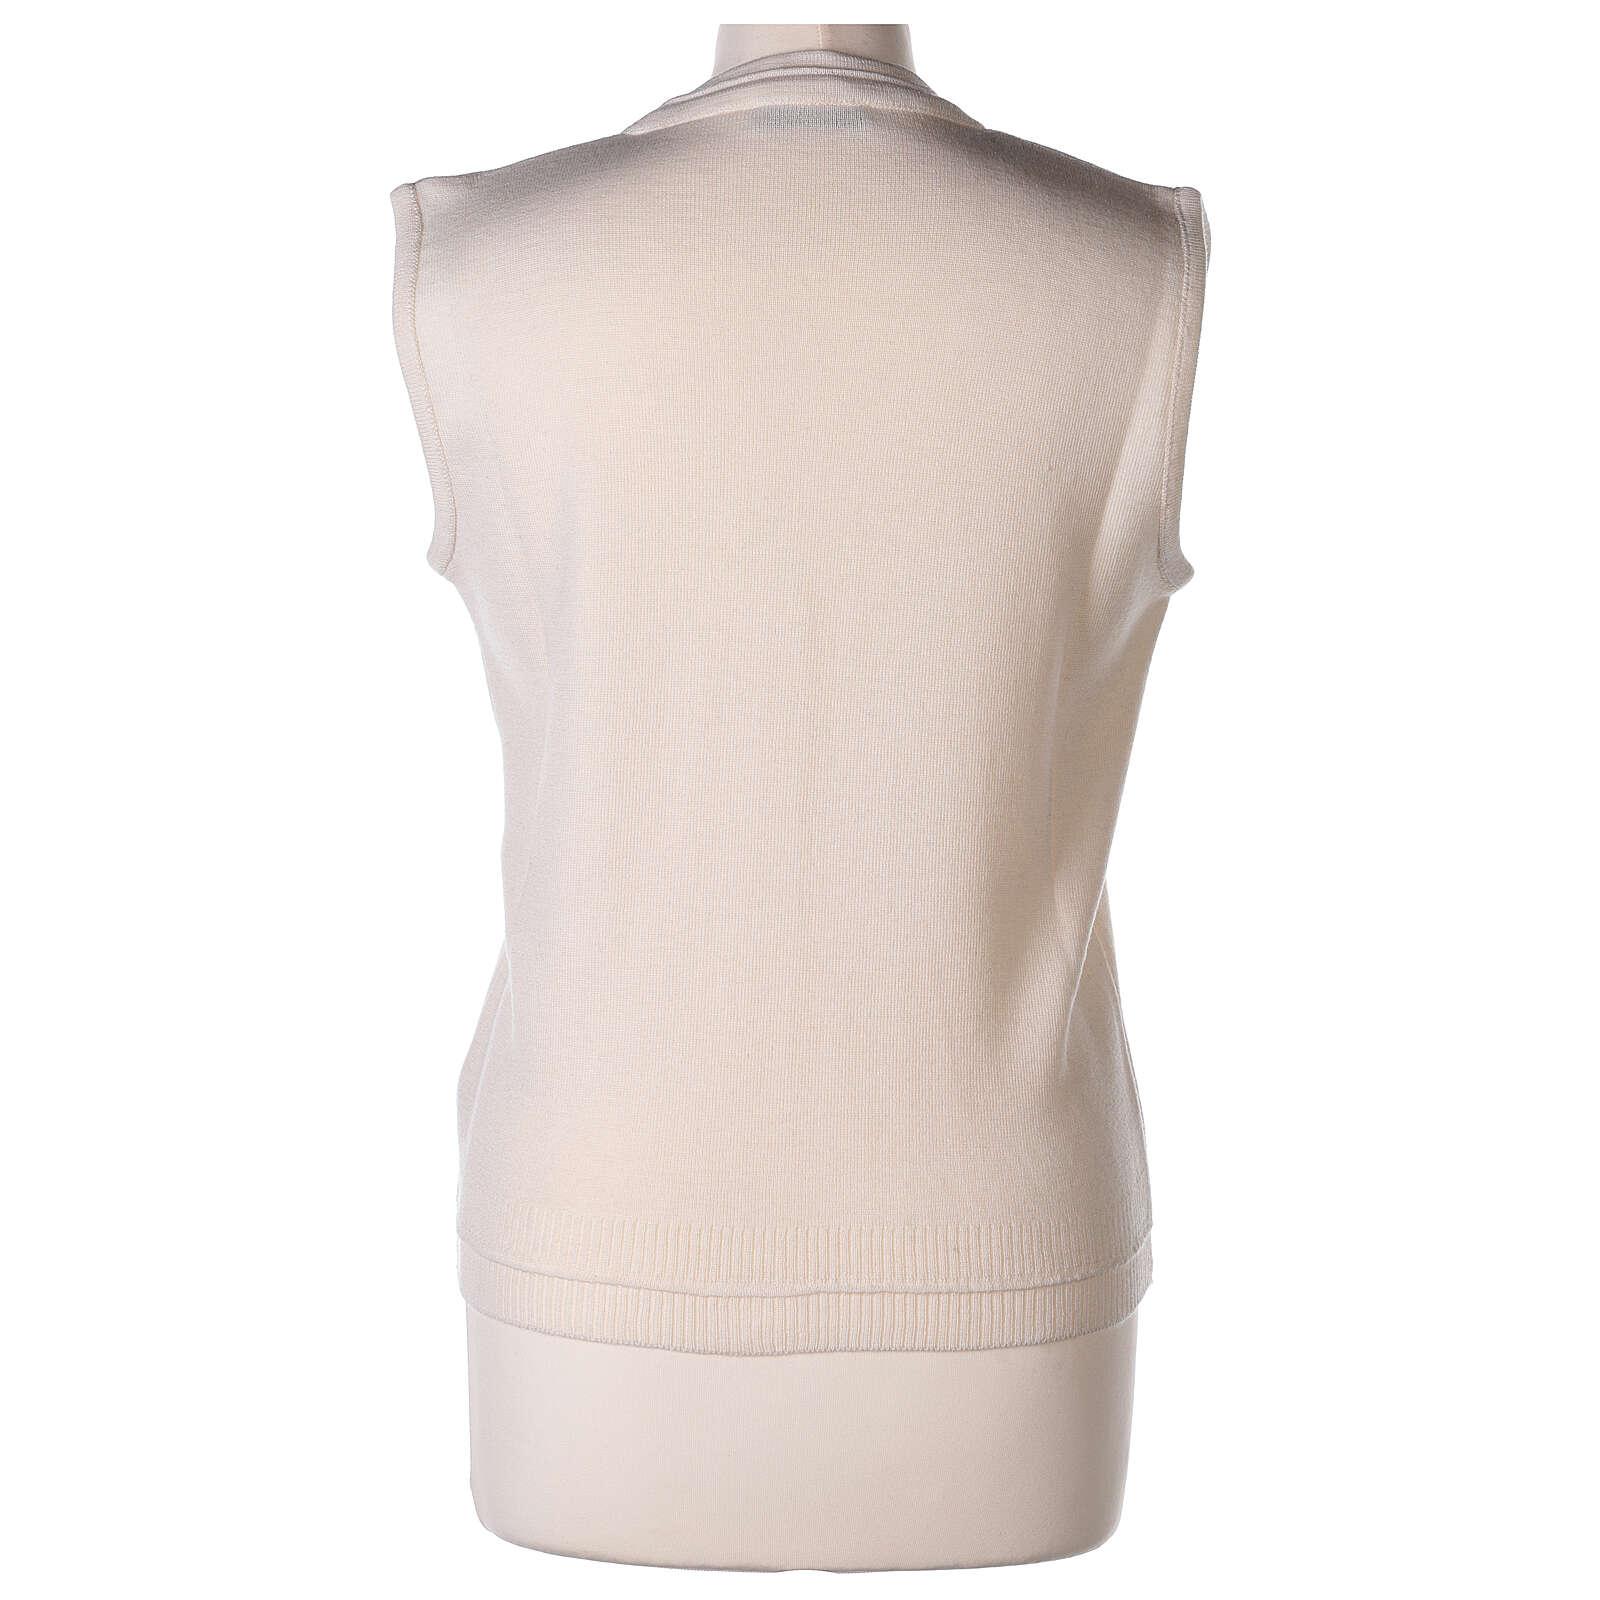 Chaleco blanco corto cuello V bolsillos punto unido 50% acrílico 50% lana merina monja In Primis 4